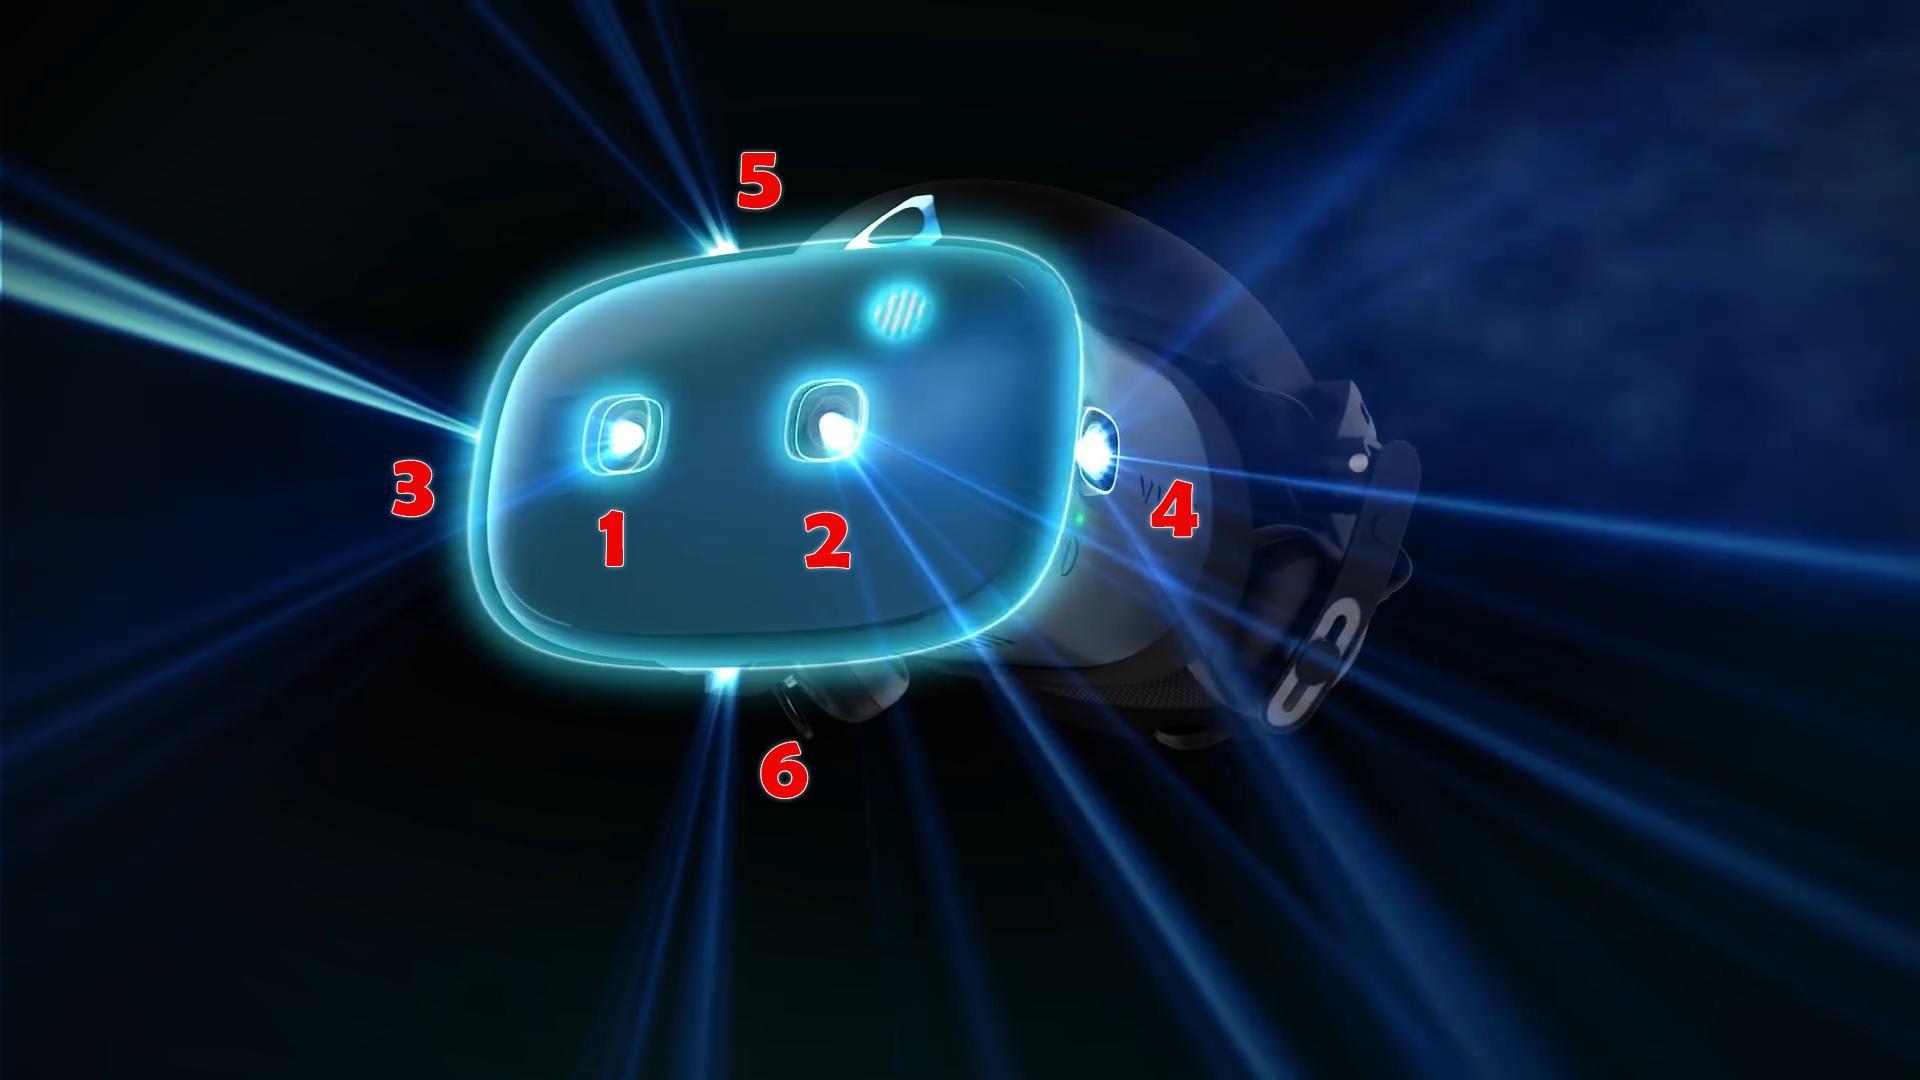 HTC Vive Cosmos: 6 Kameras, LCD mit RGB Stripe, MRTV Preisgerüchte